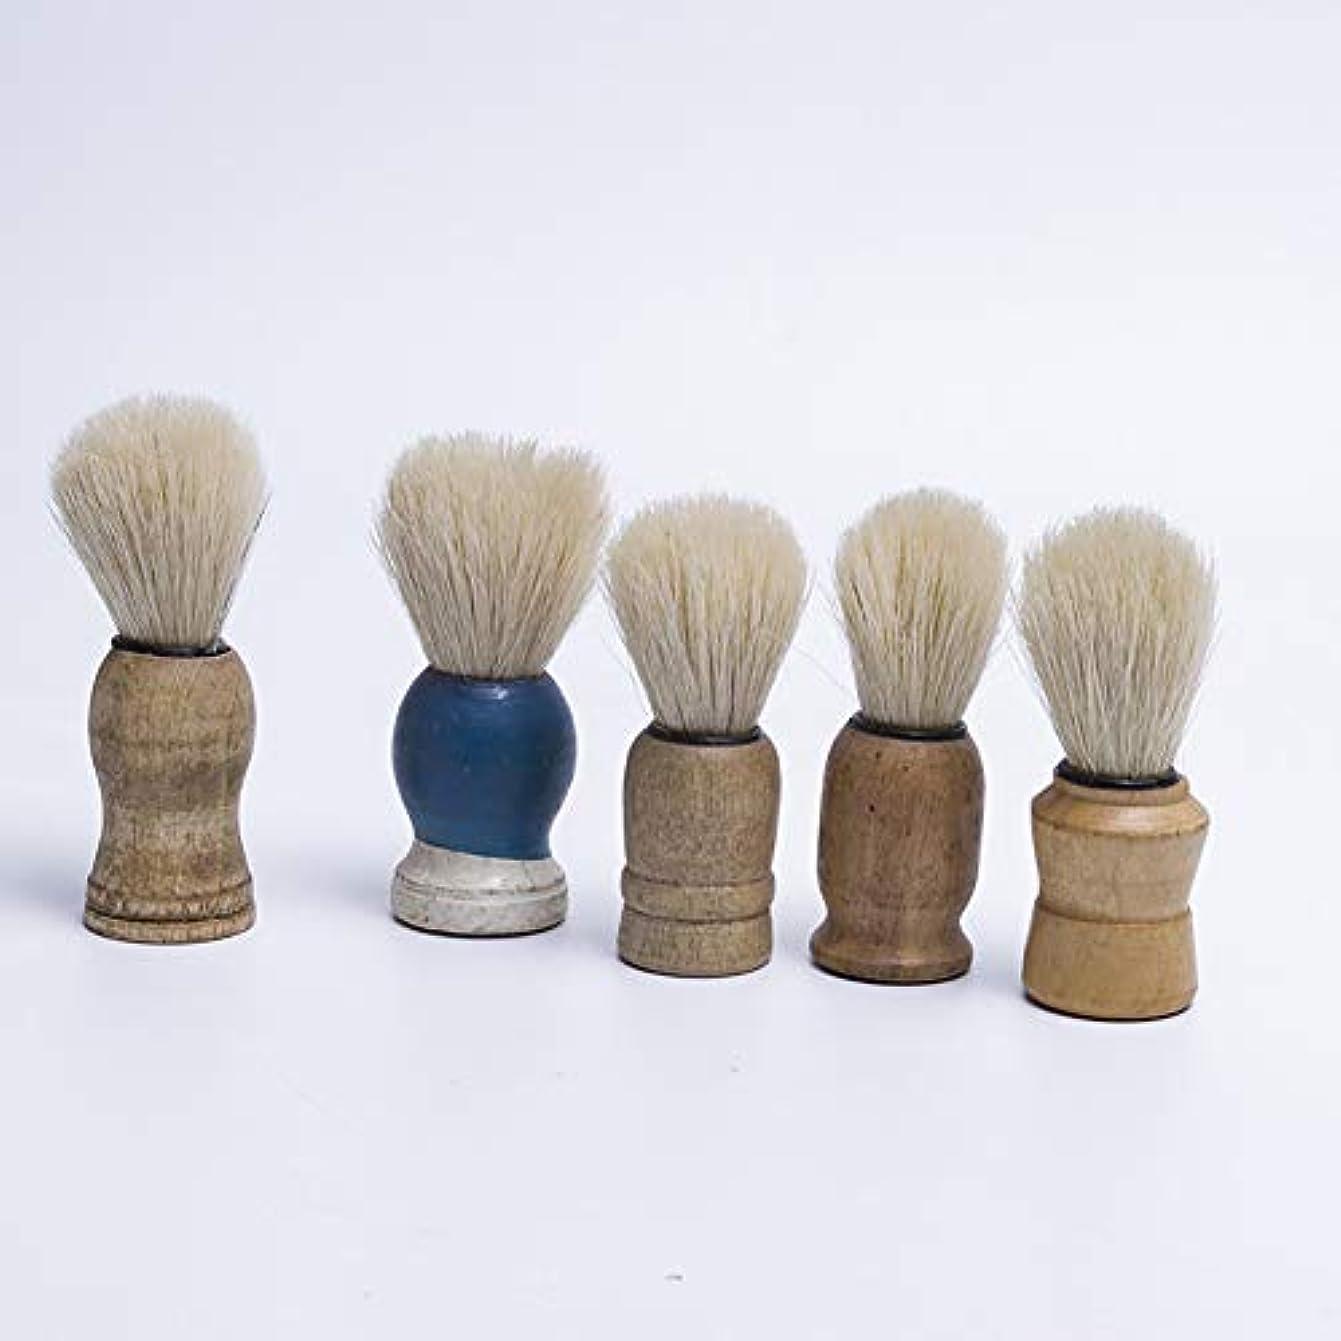 振る舞うライセンス考えたACHICOO 木製 ハンドルが付いている人 髭そり ブラシ 大広間 クリーニング 電気器具 剃毛用具 ブラシを剃っている人